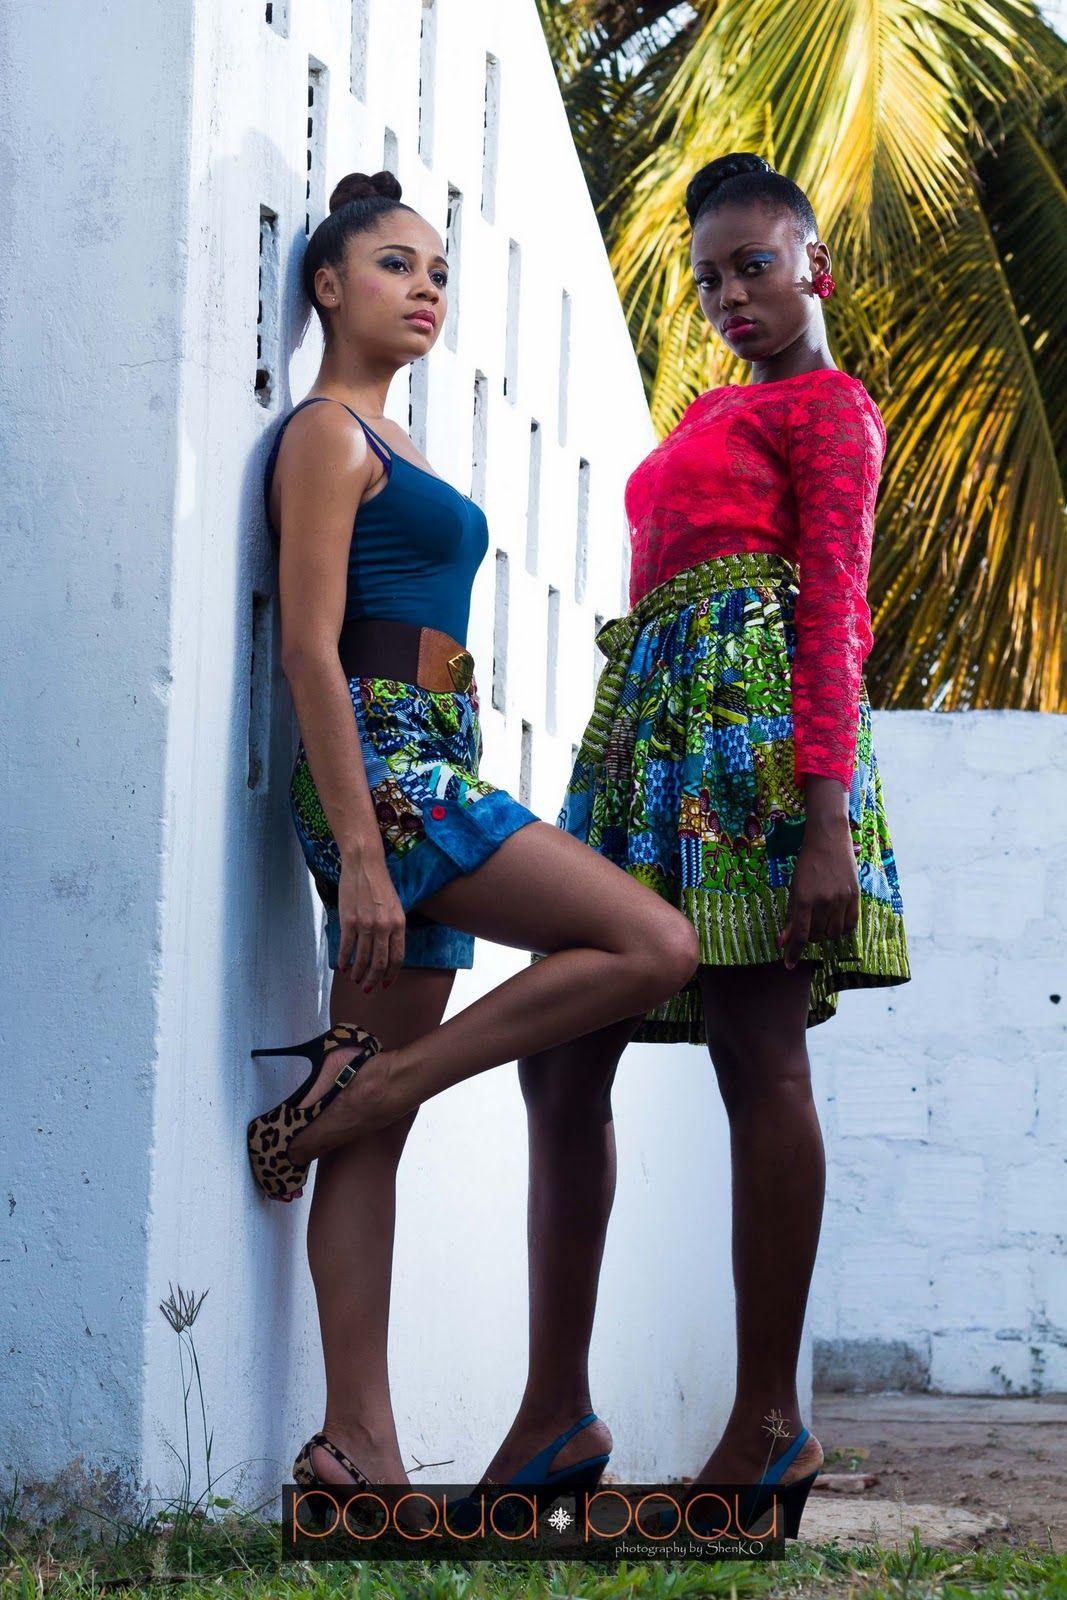 PoQua PoQu #Africanfashion #AfricanWeddings #Africanprints #Ethnicprints #Africanwomen #africanTradition #AfricanArt #AfricanStyle #AfricanBeads #Gele #Kente #Ankara #Nigerianfashion #Ghanaianfashion #Kenyanfashion #Burundifashion #senegalesefashion #Swahilifashion DKK